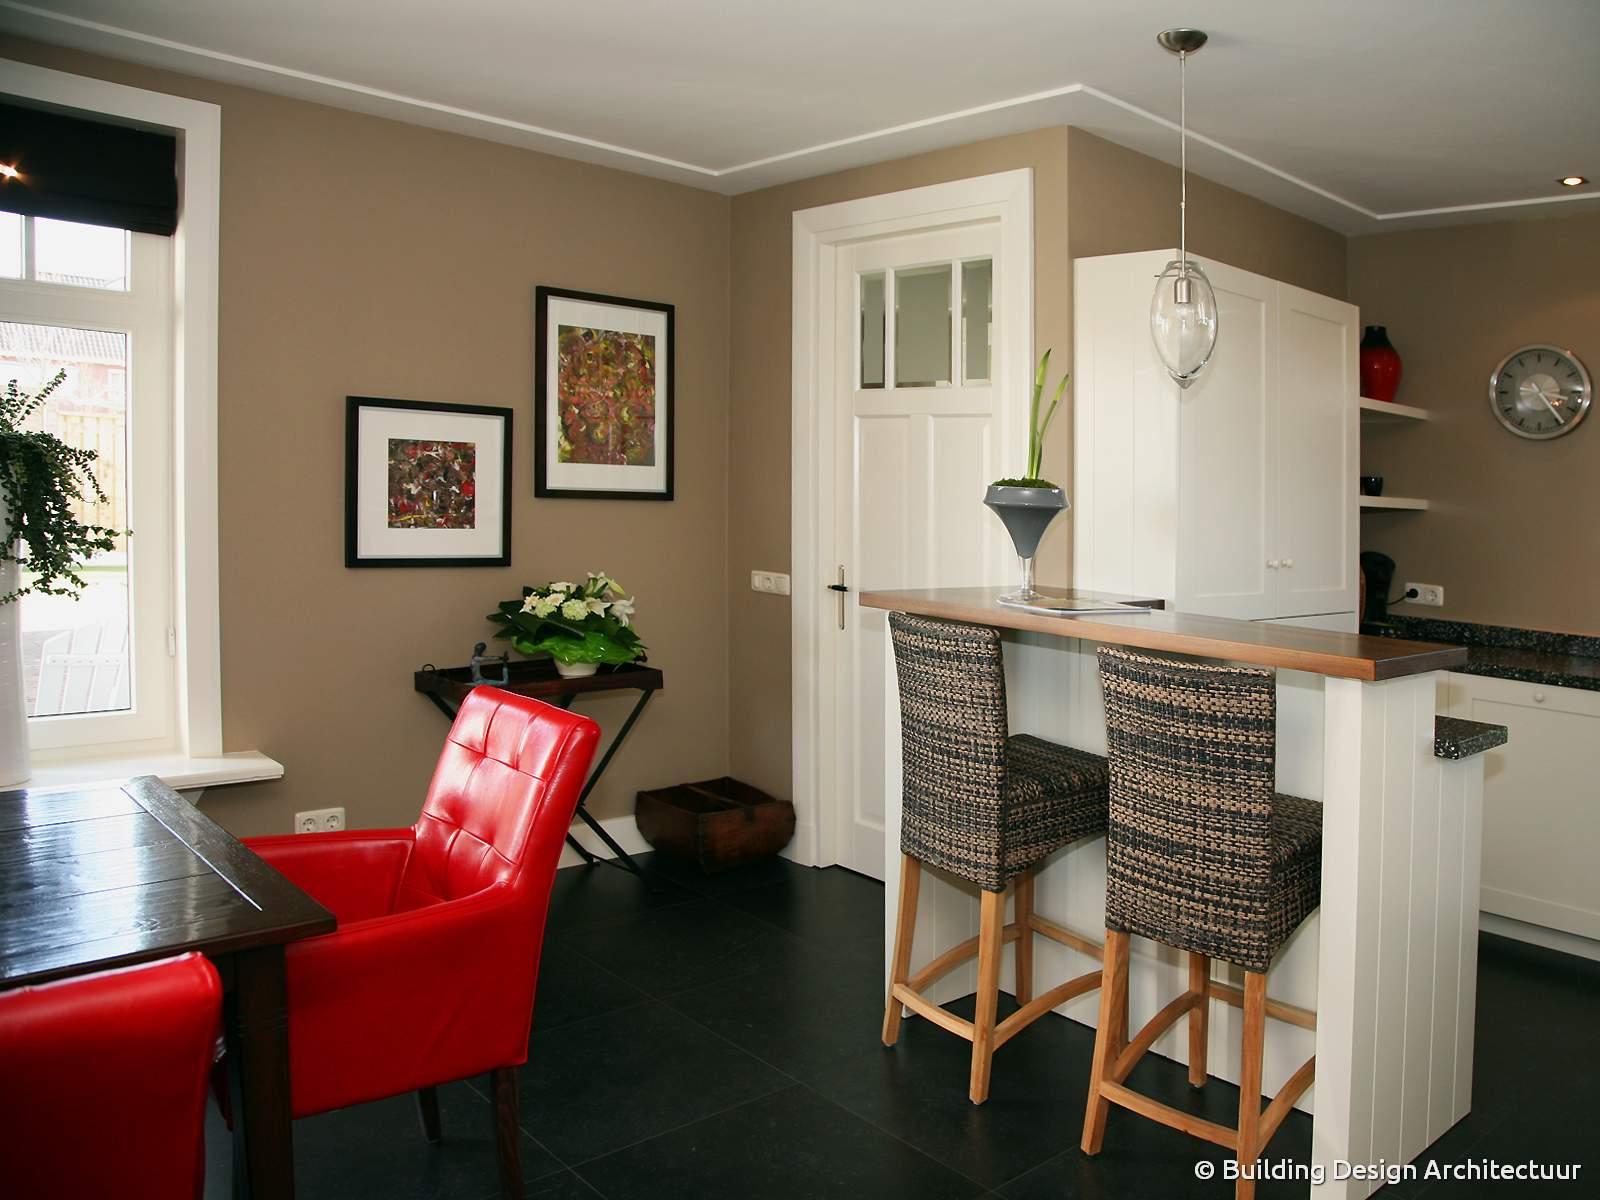 hebt u interesse in een interieur advies van onze interieurarchitect